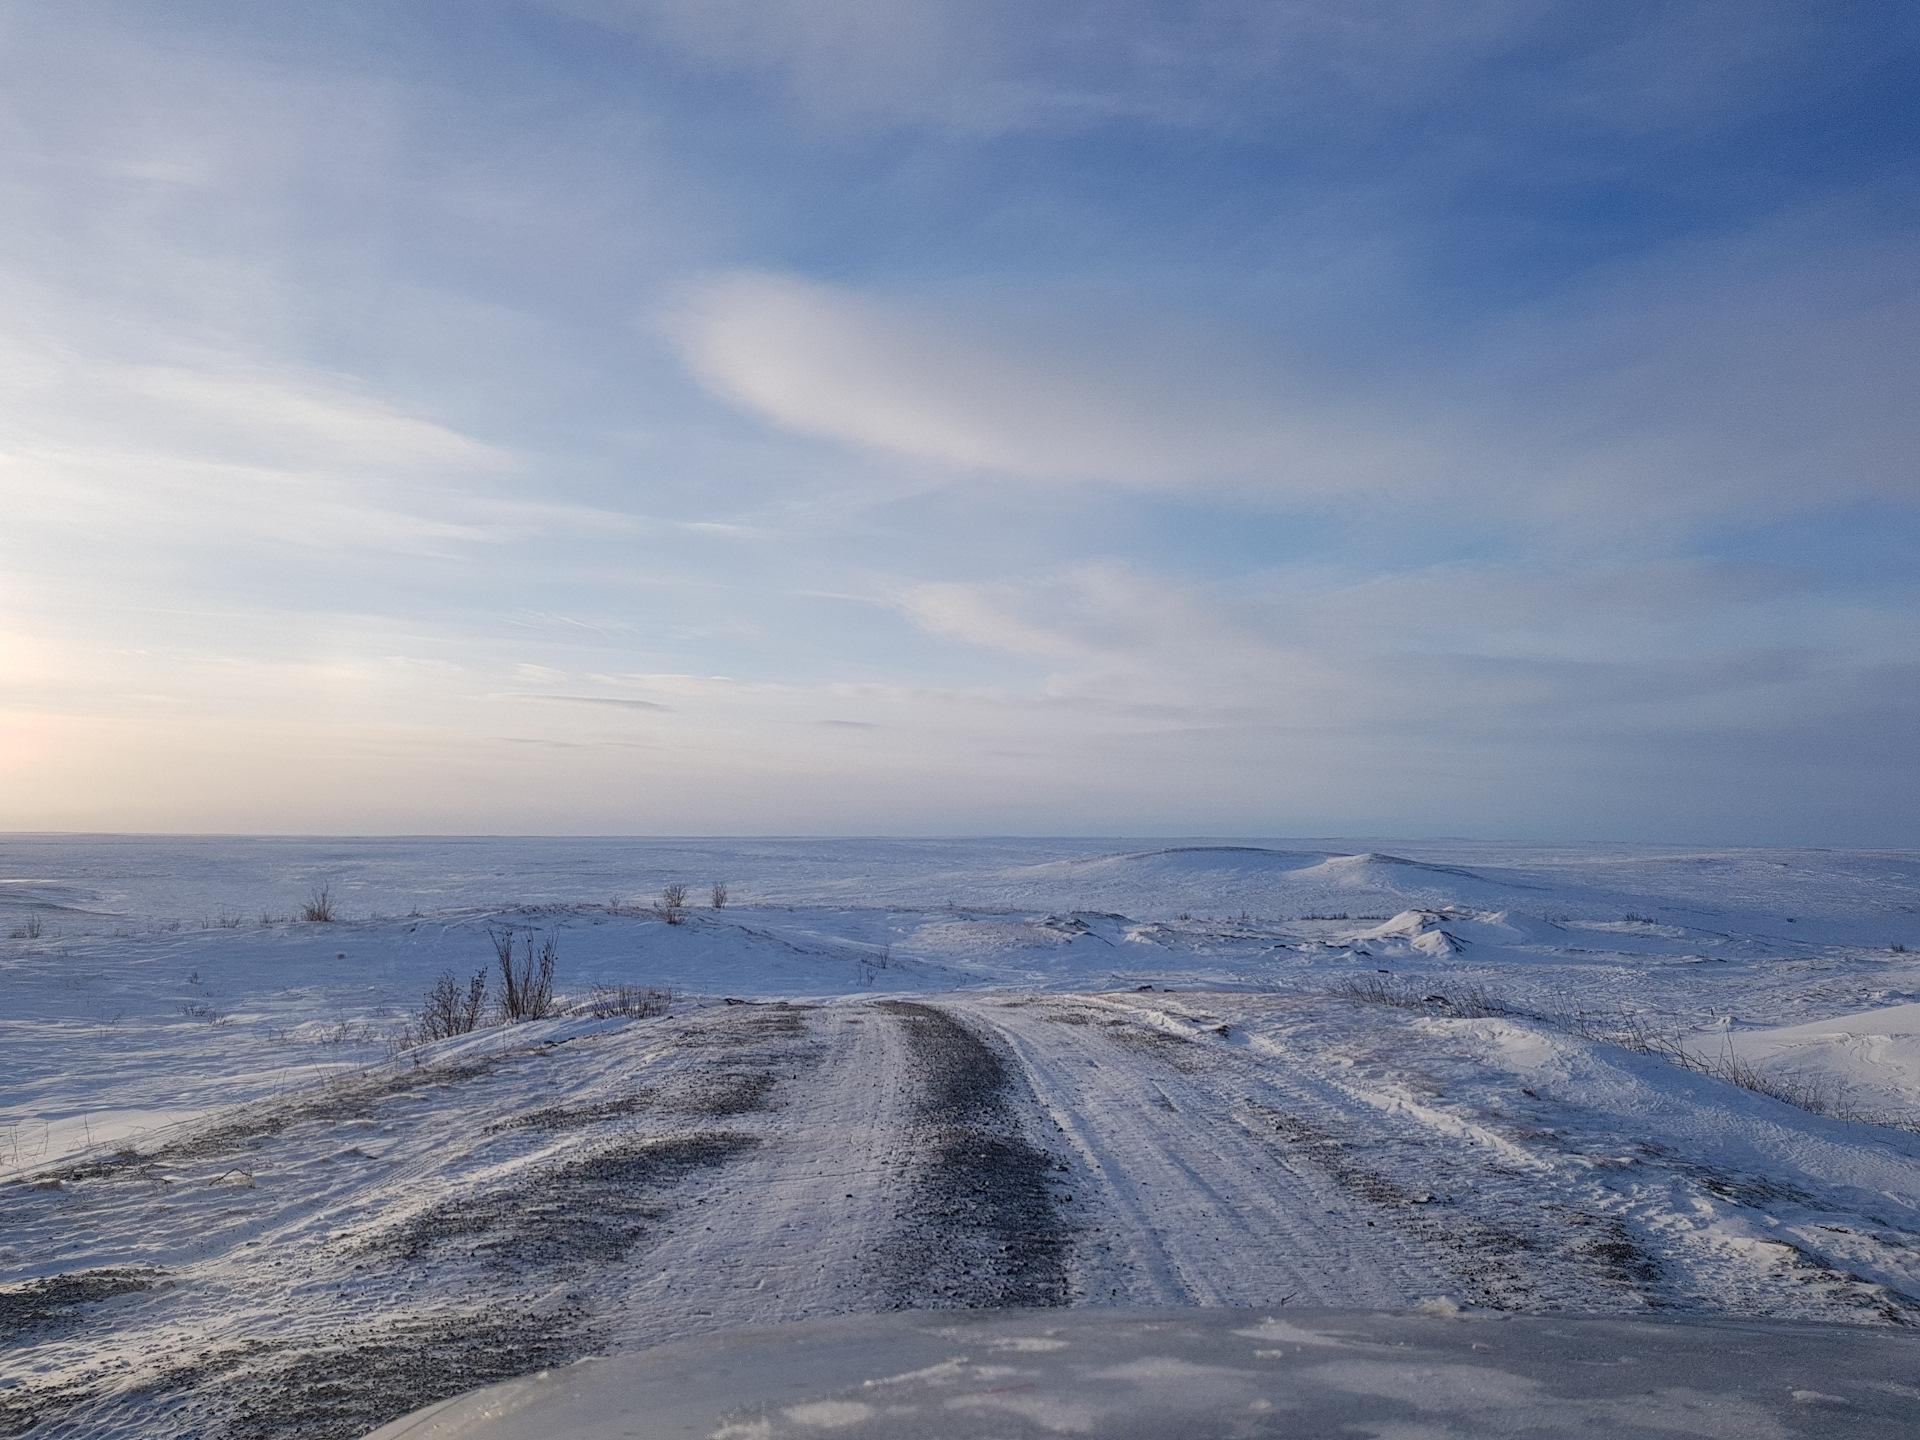 историю пересекли полярный круг фото ямал результате получается палитра